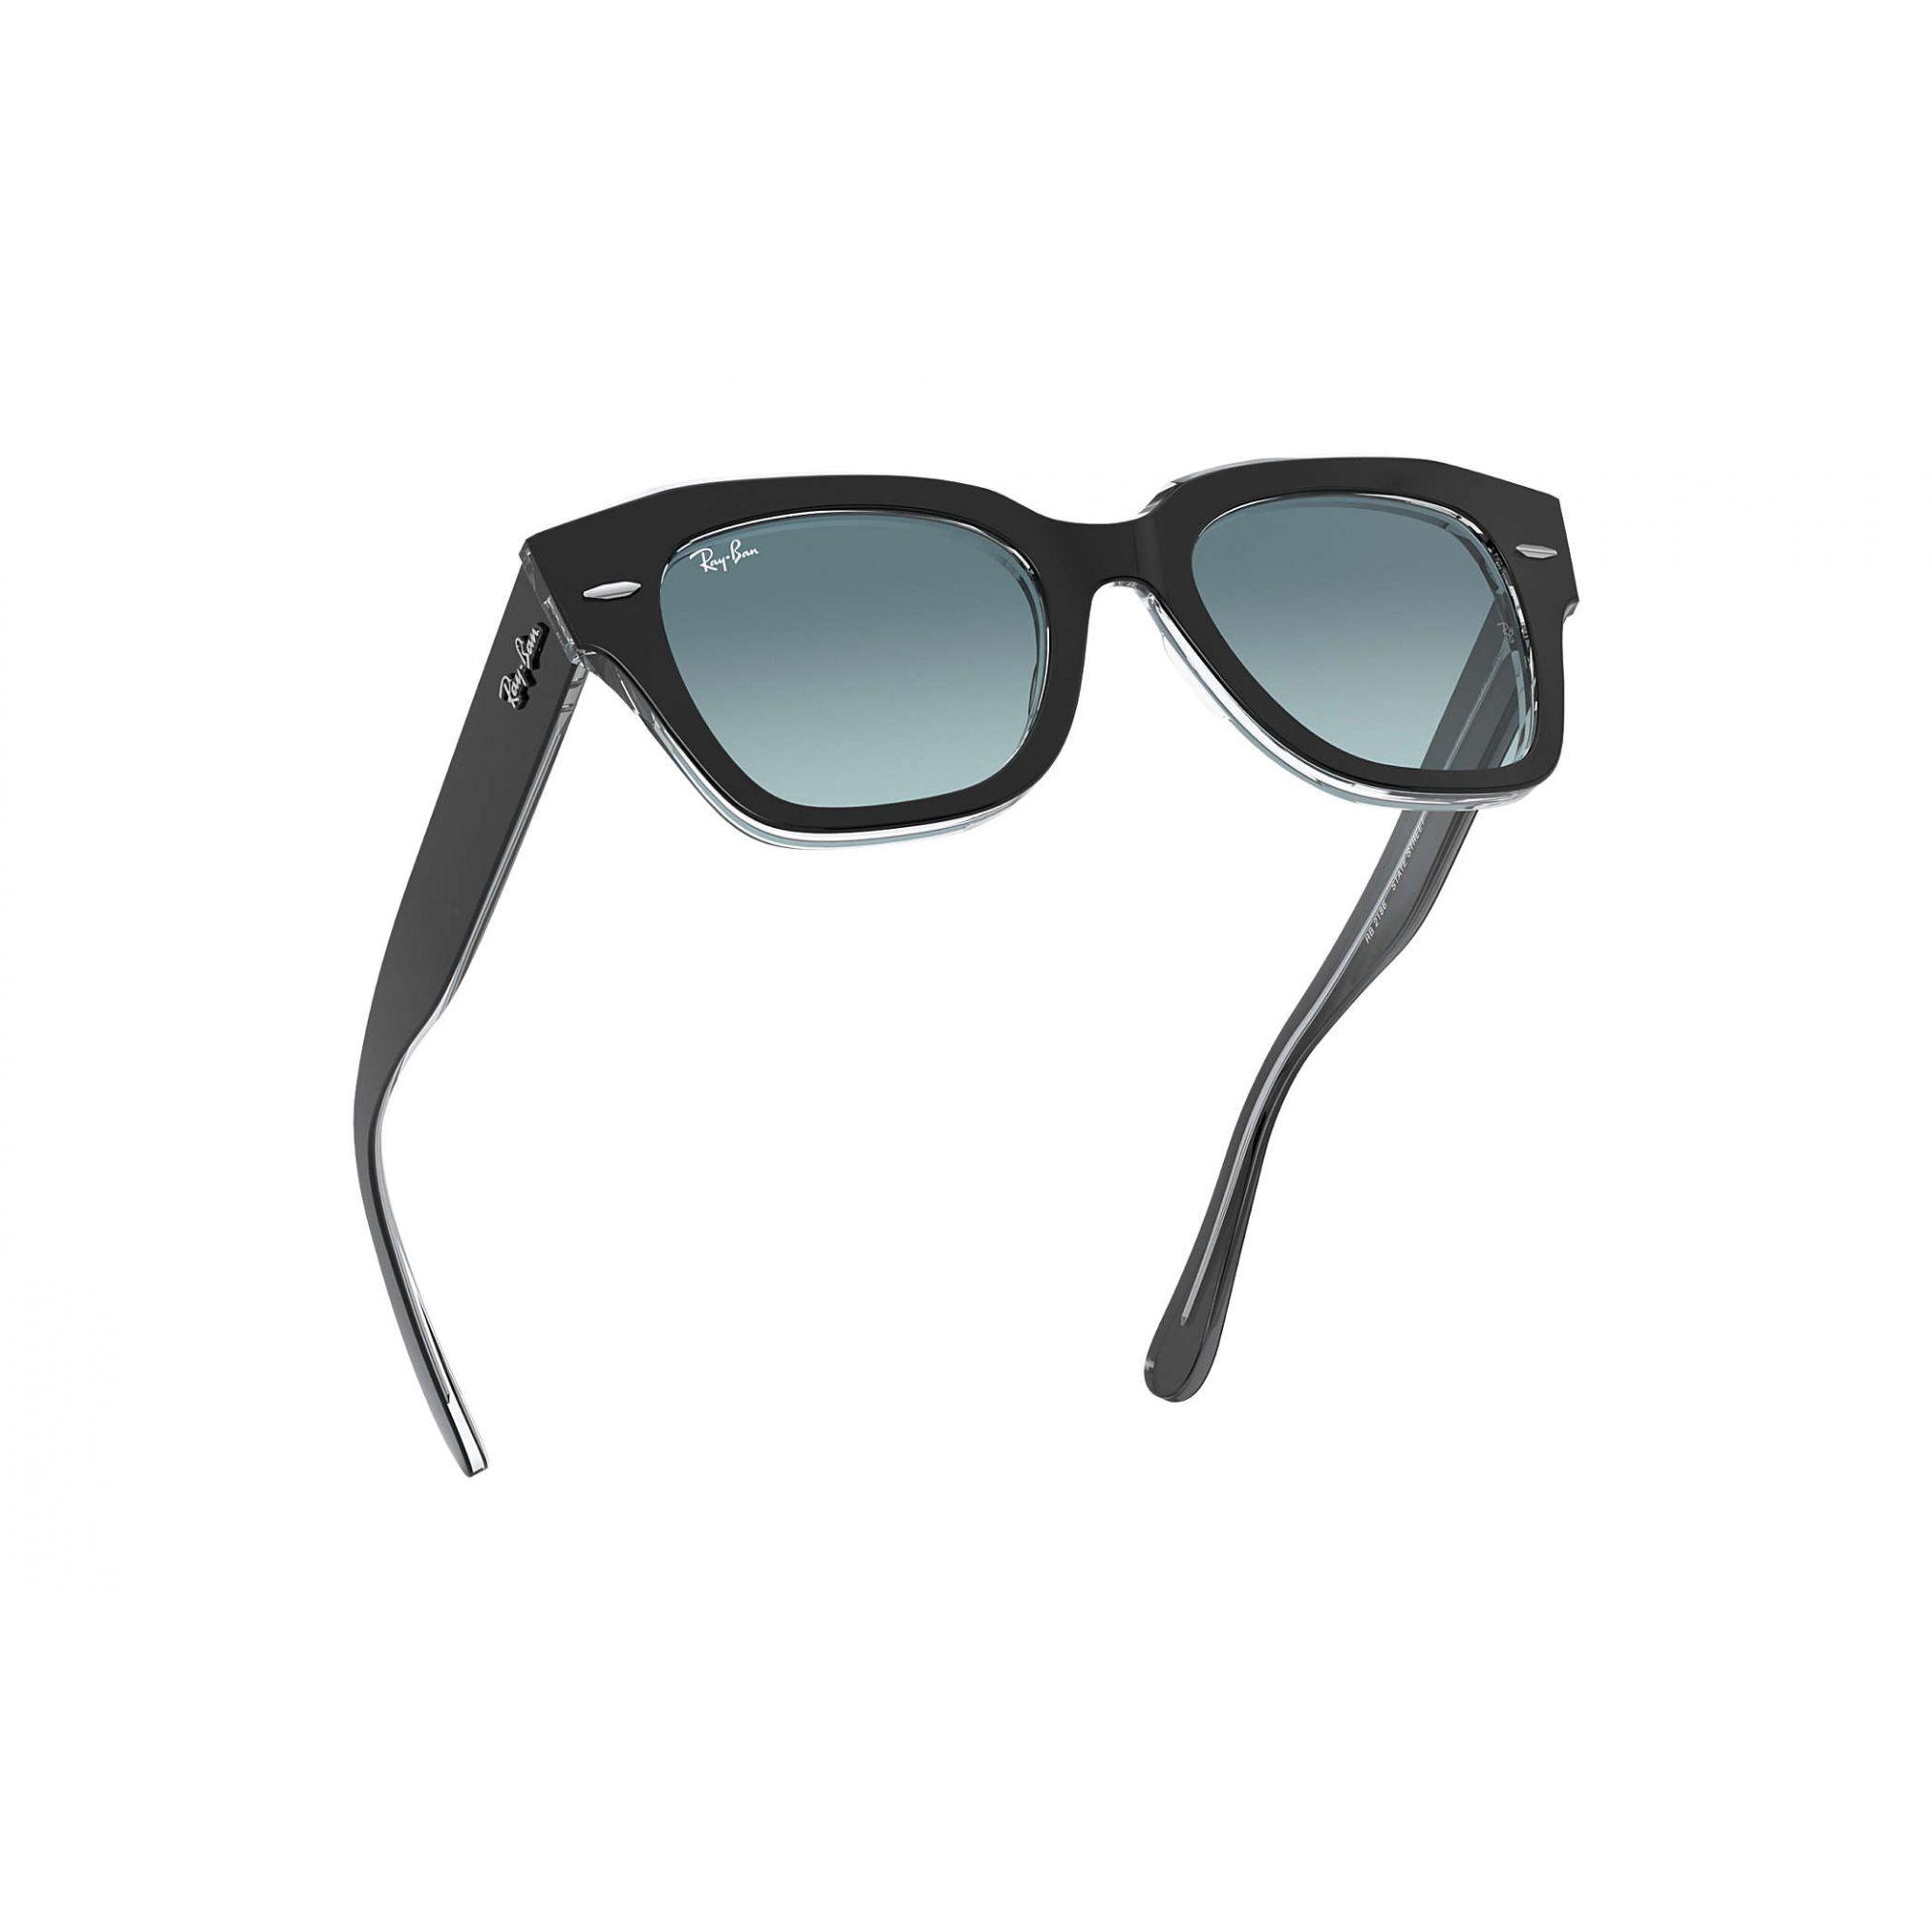 Ray Ban - RB2186 12943M - Óculos de sol